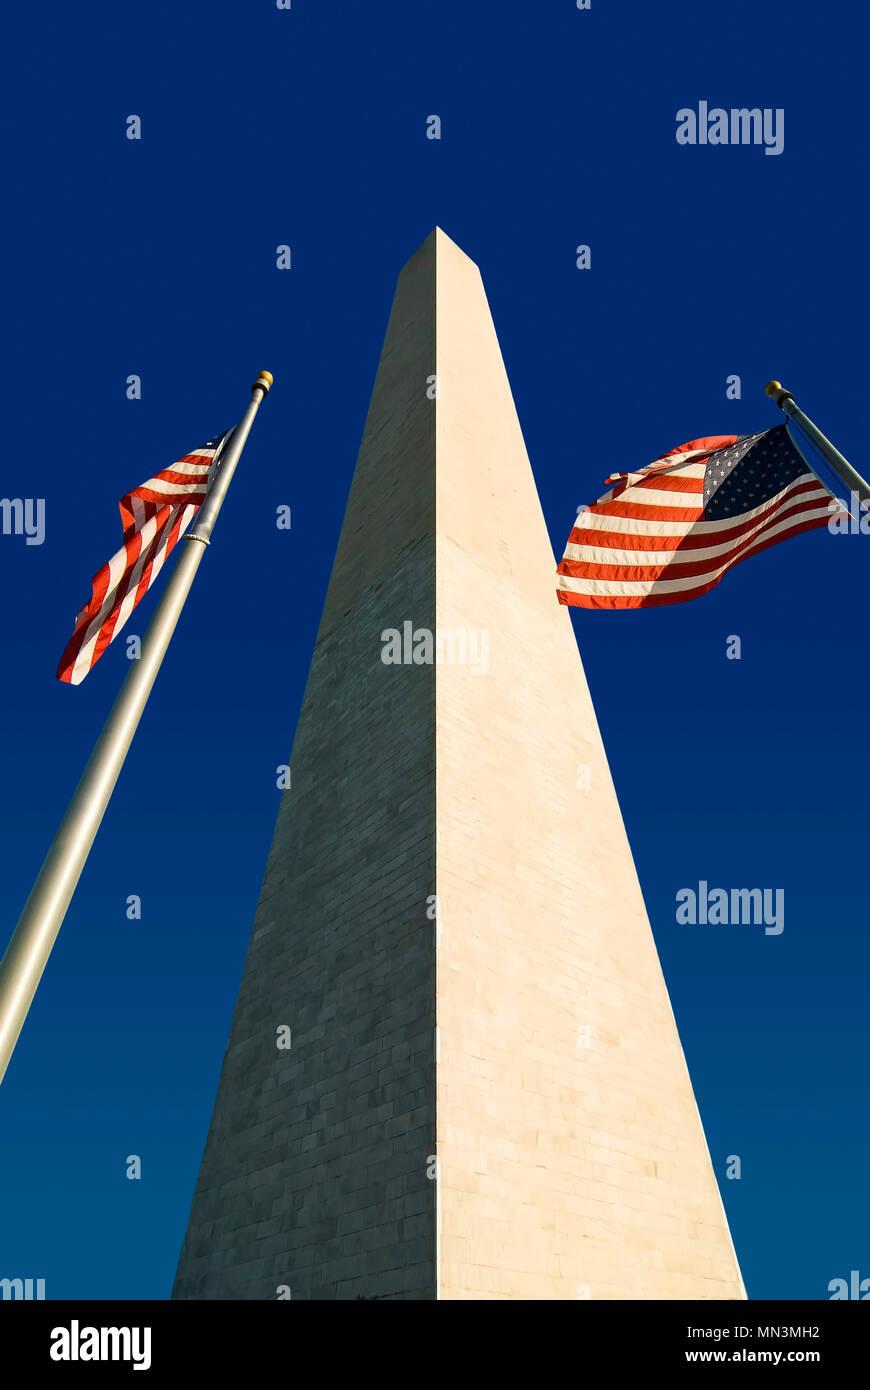 El Monumento a Washington con dos banderas americanas. Ubicado en Washington DC a lo largo del National Mall. Imagen De Stock